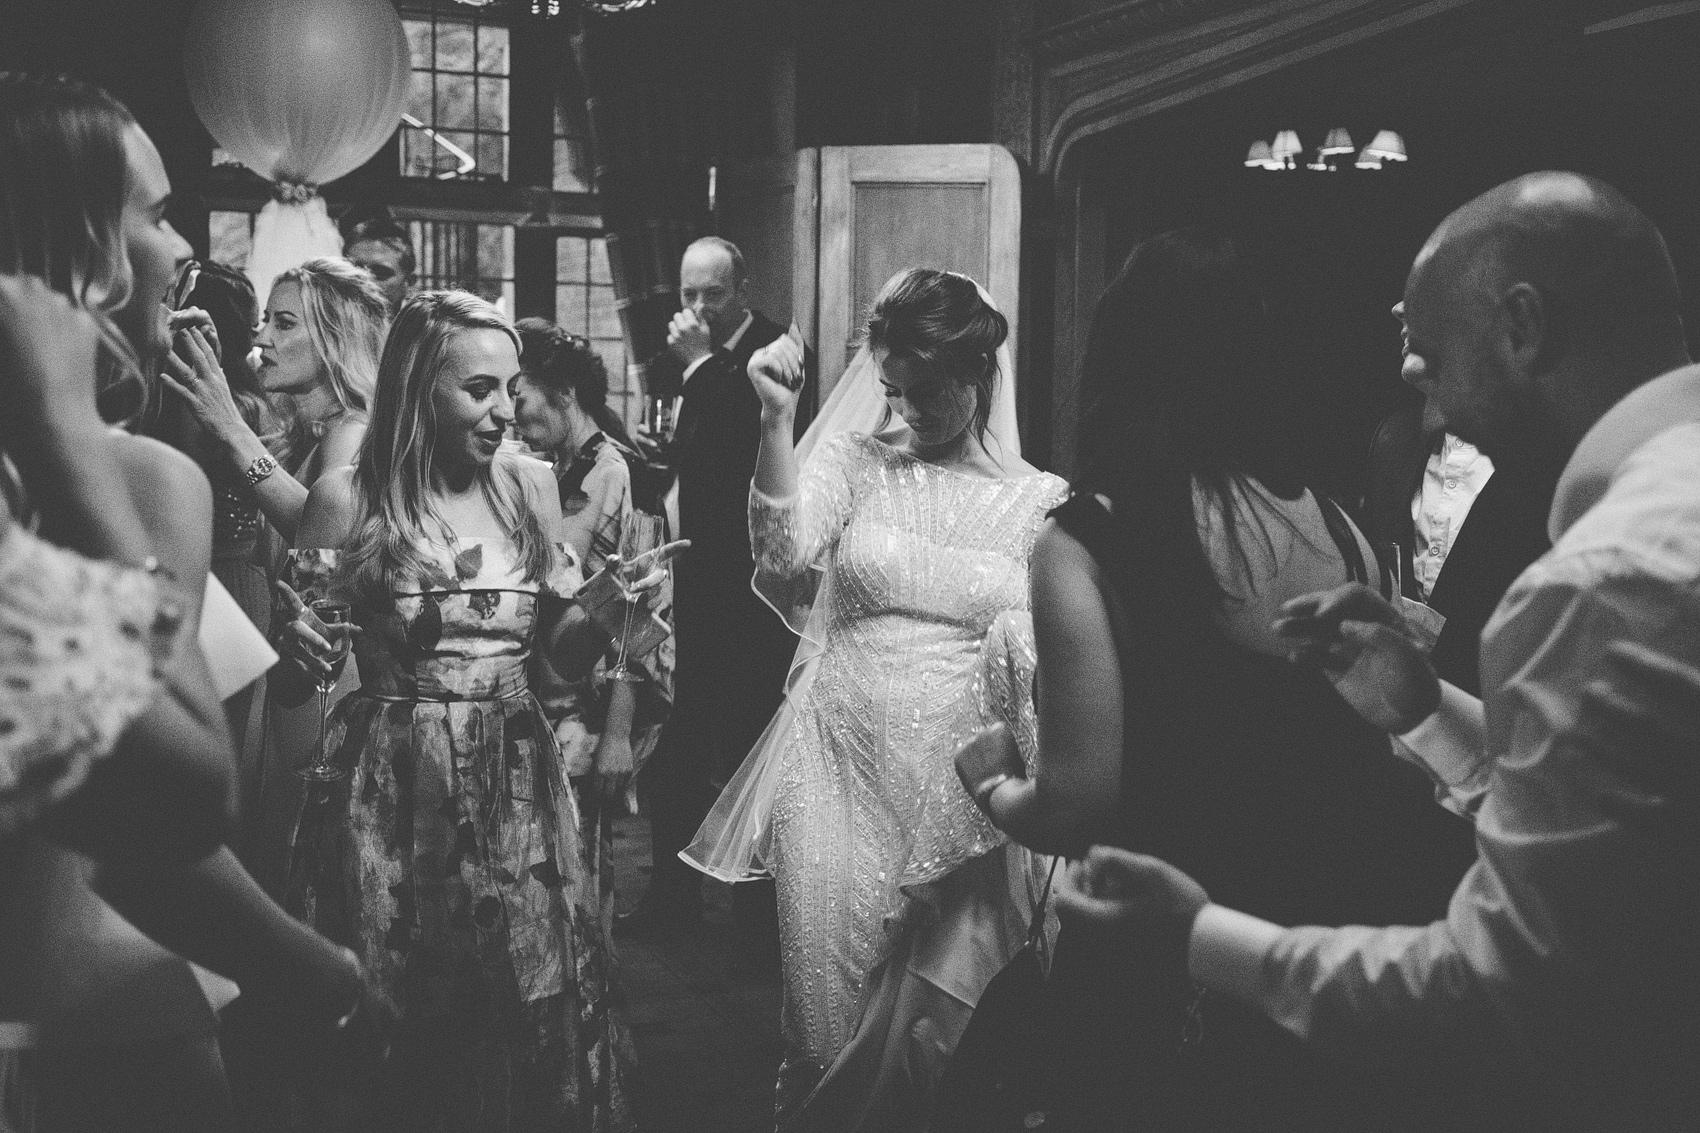 Inglewood_Manor_Wedding_Photography_-_Claire_Basiuk_Cheshire_Photographer_-_51_40.jpg